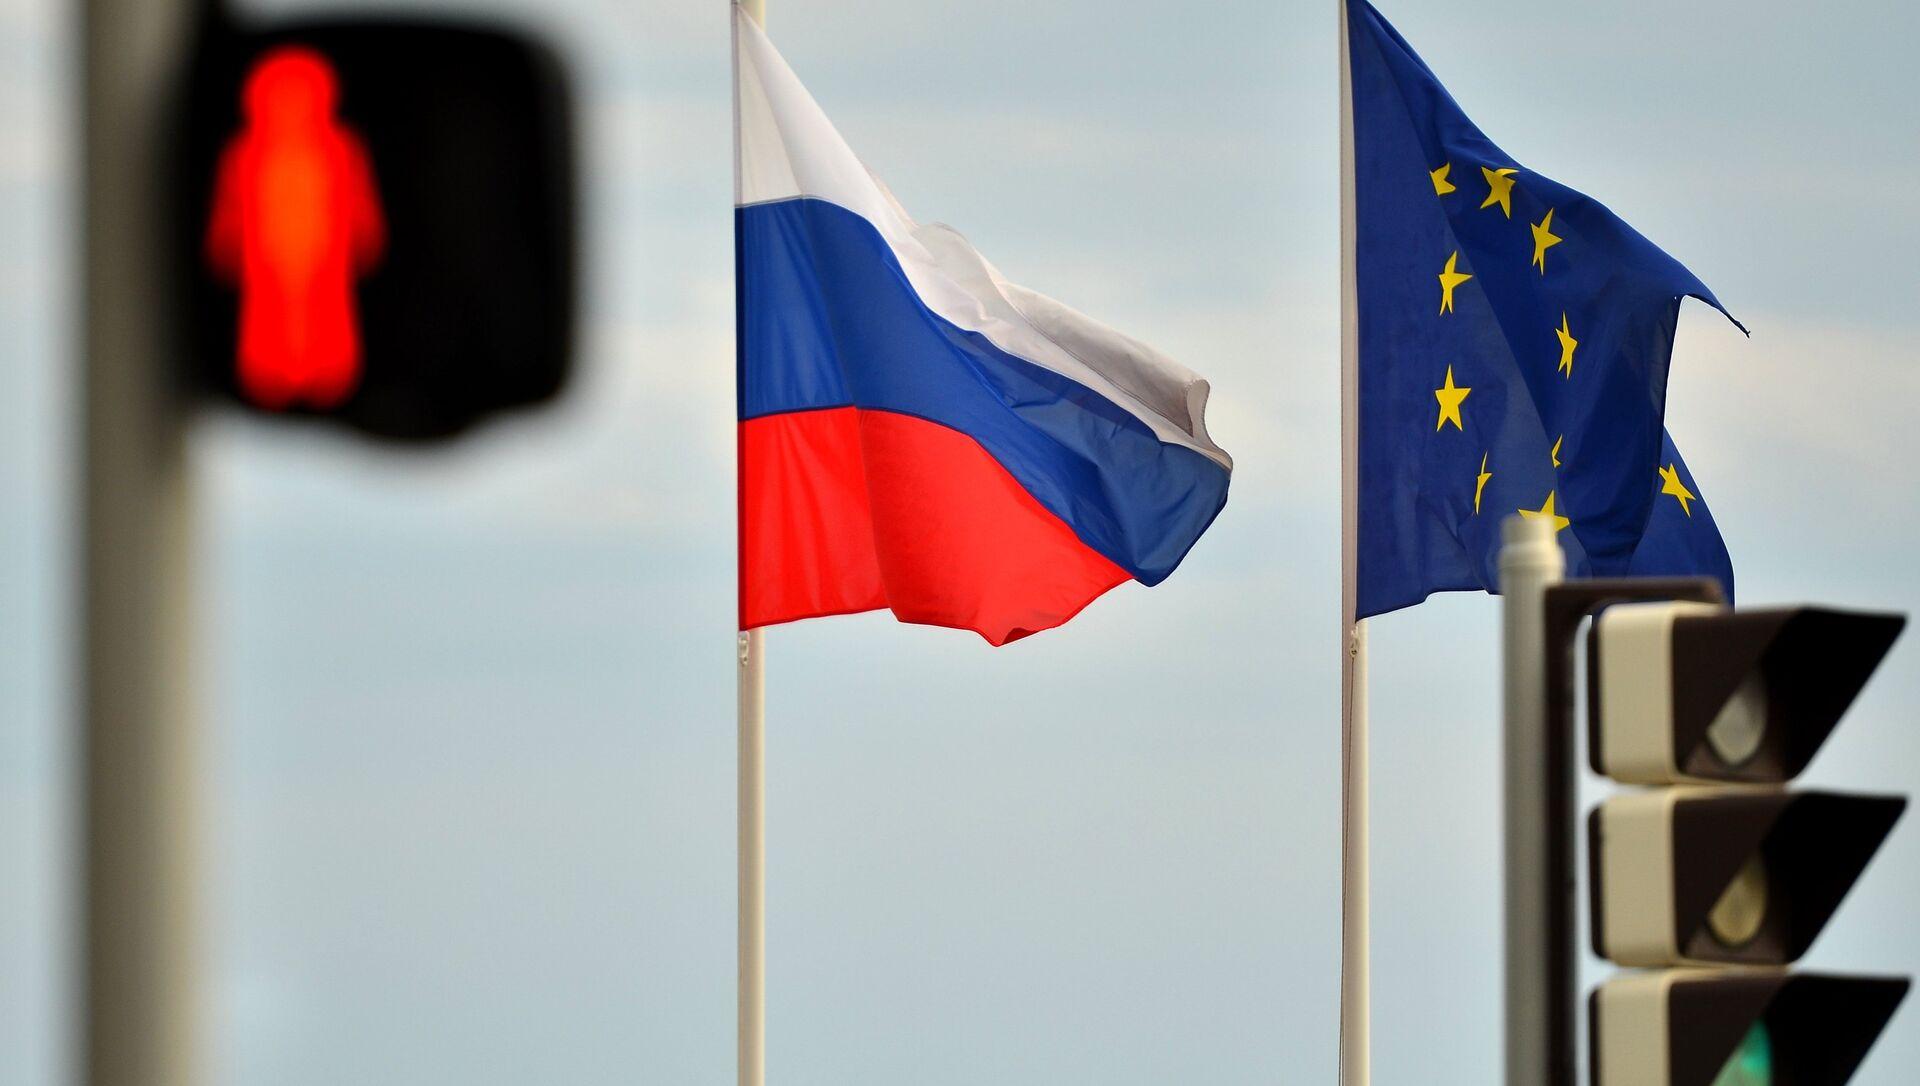 Vlajky Ruska a EU - Sputnik Česká republika, 1920, 21.02.2021